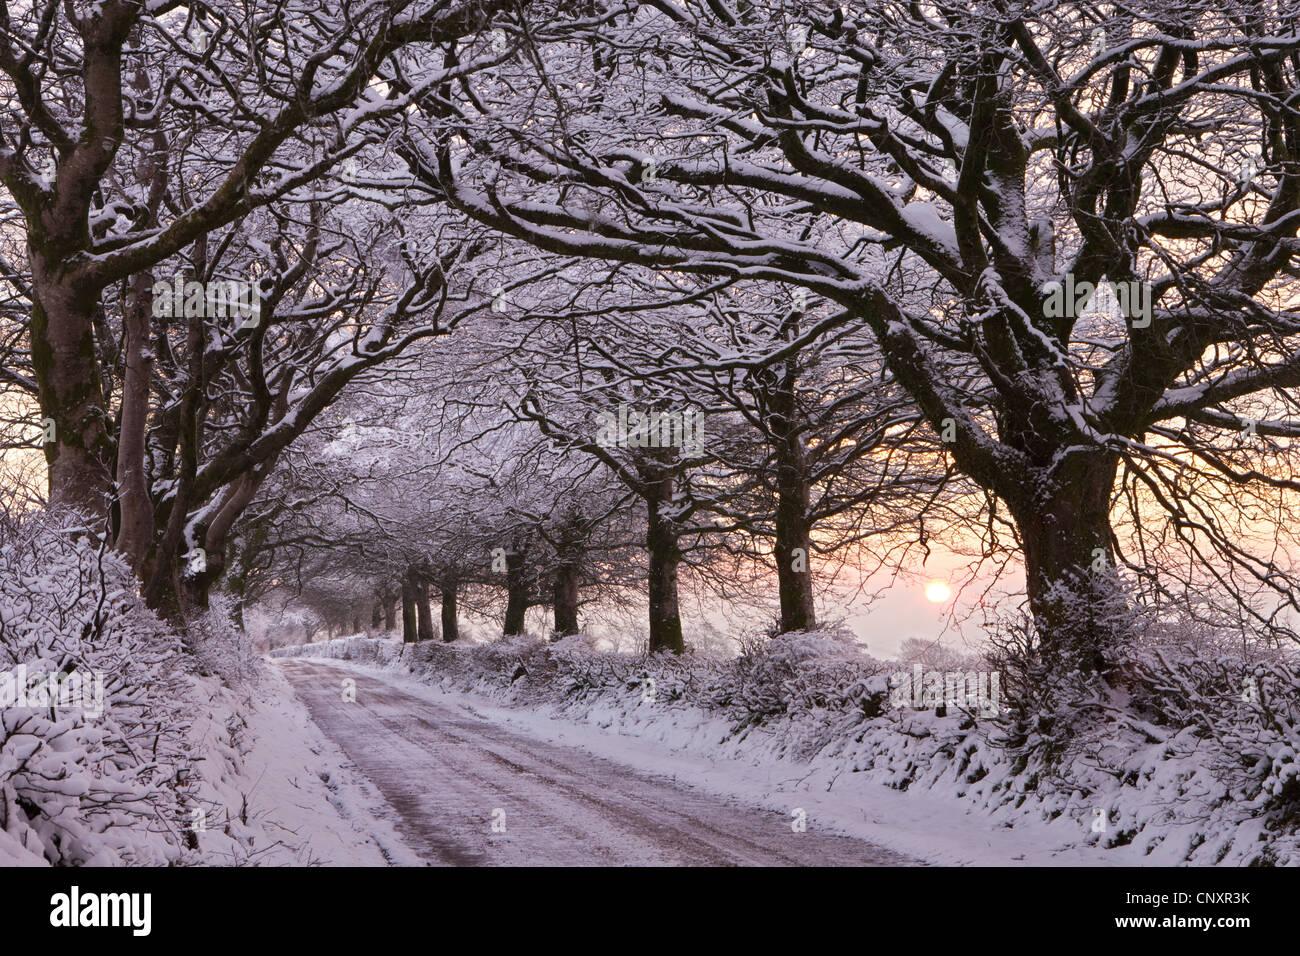 Viale alberato vicolo del paese pieno di neve, Exmoor, Somerset, Inghilterra. Inverno (gennaio 2012). Immagini Stock